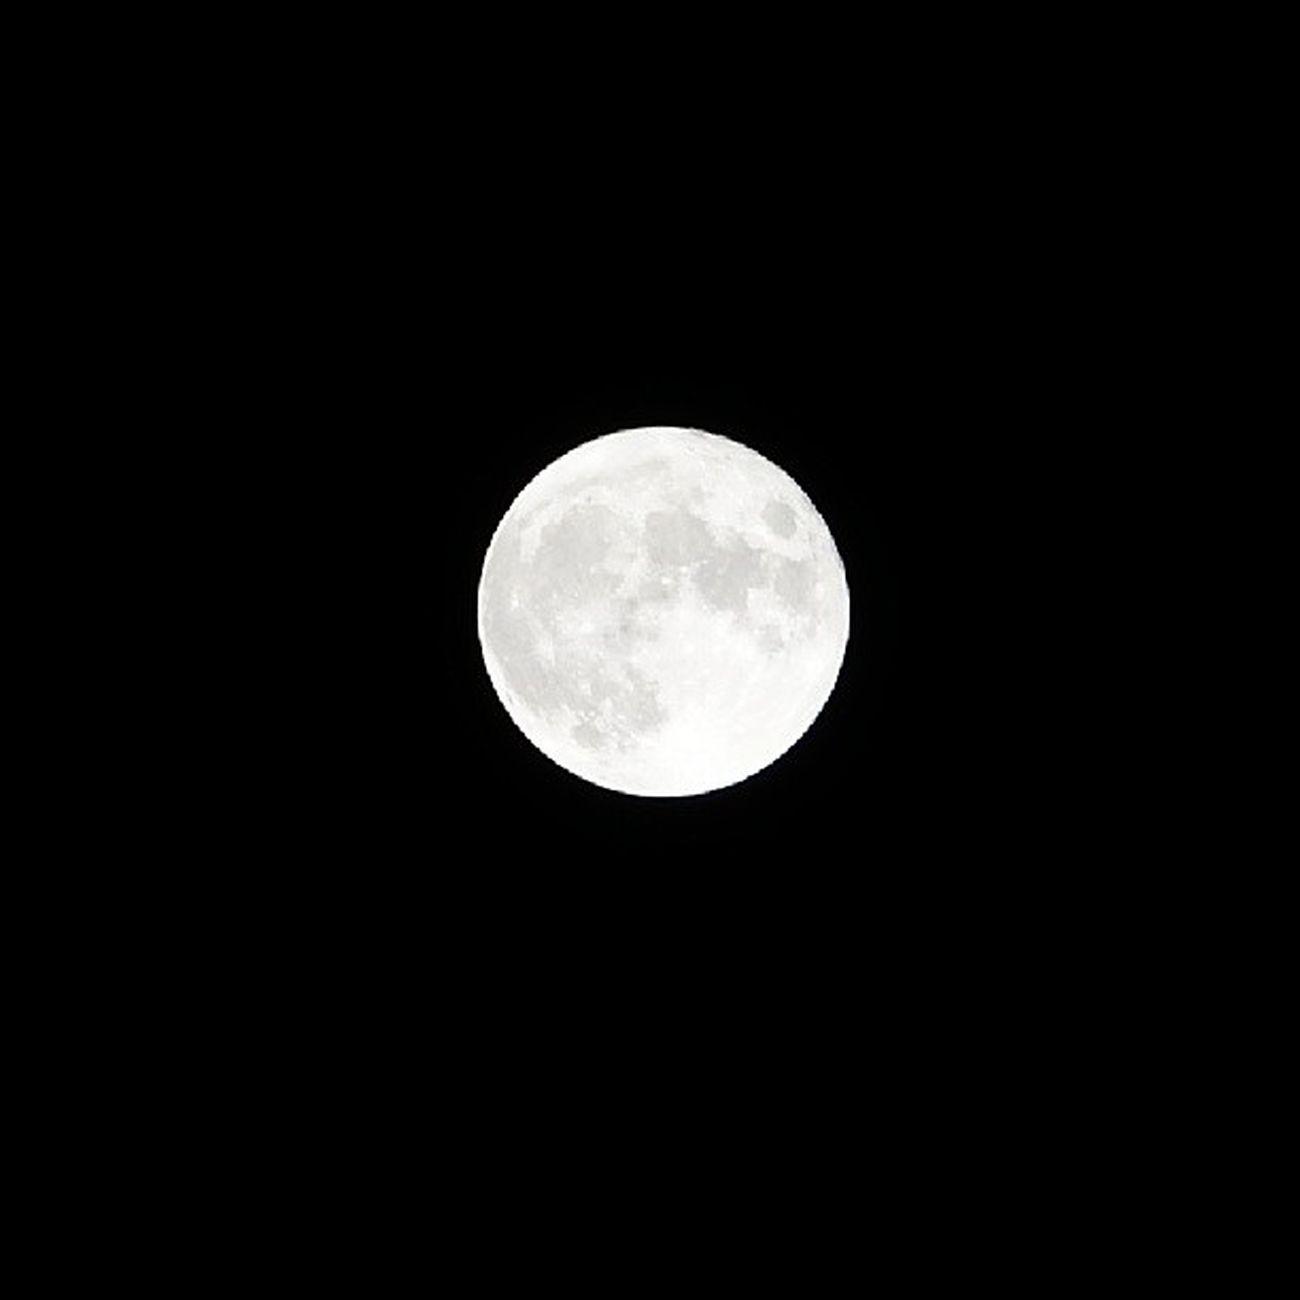 La pleine lune du 24 décembre 2014 à Gouvieux Nofilter Lune Moon picardie oise 60270 noel